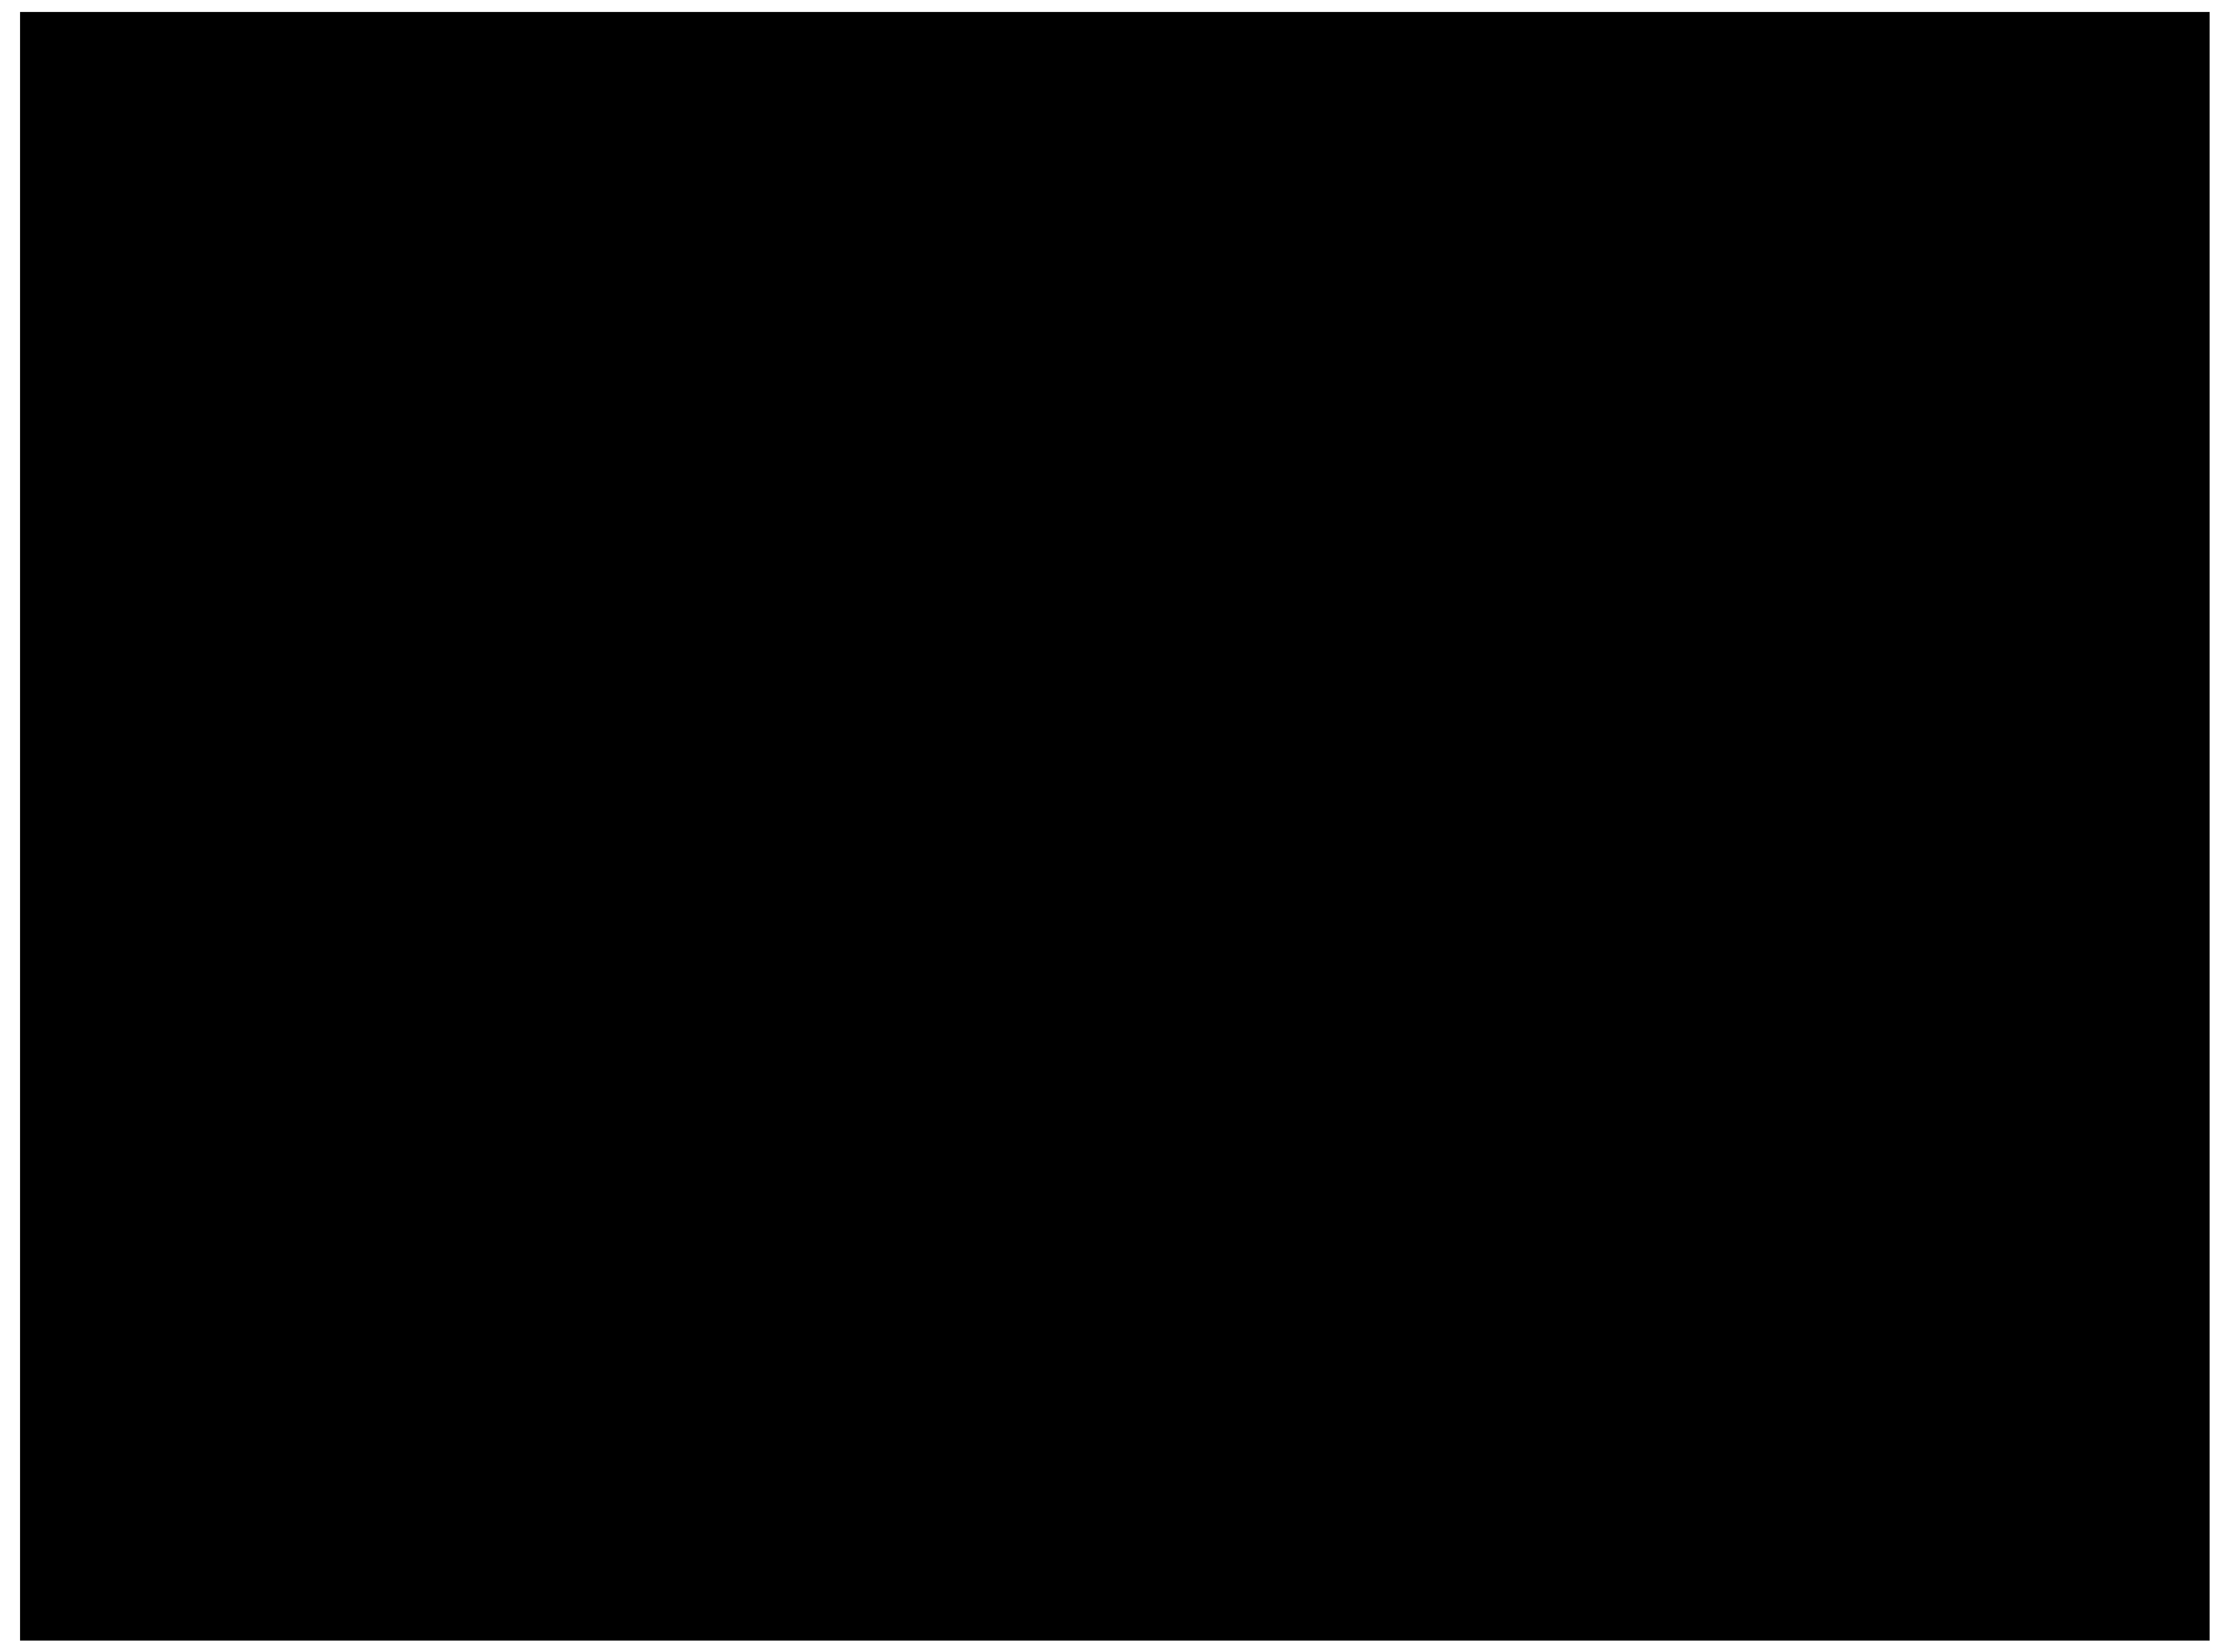 8000x5933 Saint Bernard Dog Silhouette Png Clip Art Imageu200b Gallery